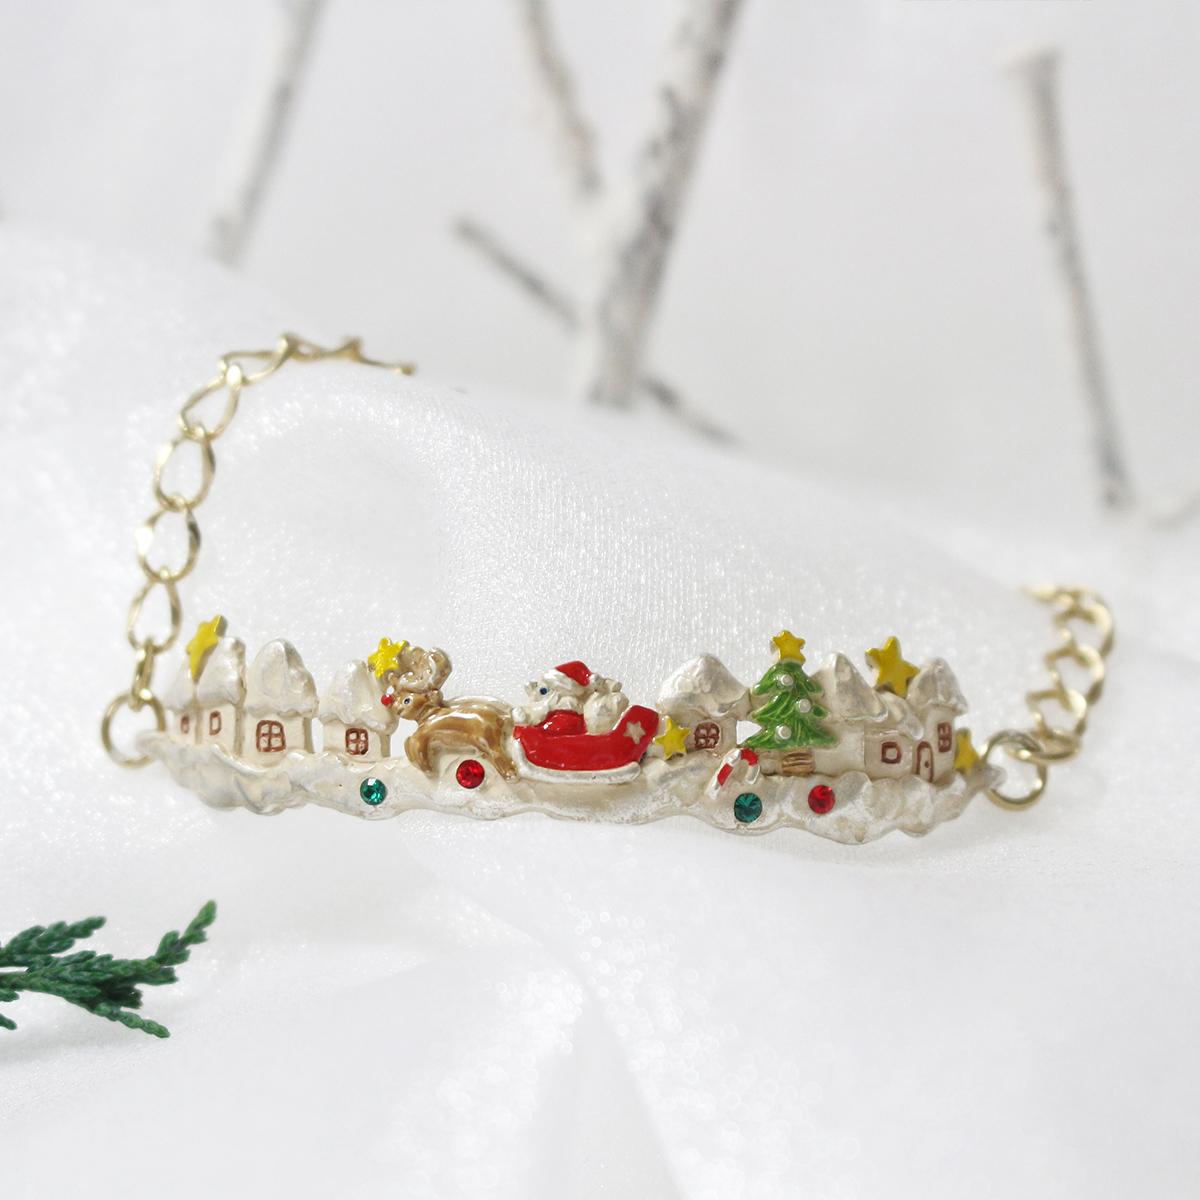 <限定>クリスマスの夜ブレスレット / ブレスレット 【クリスマス限定2019】